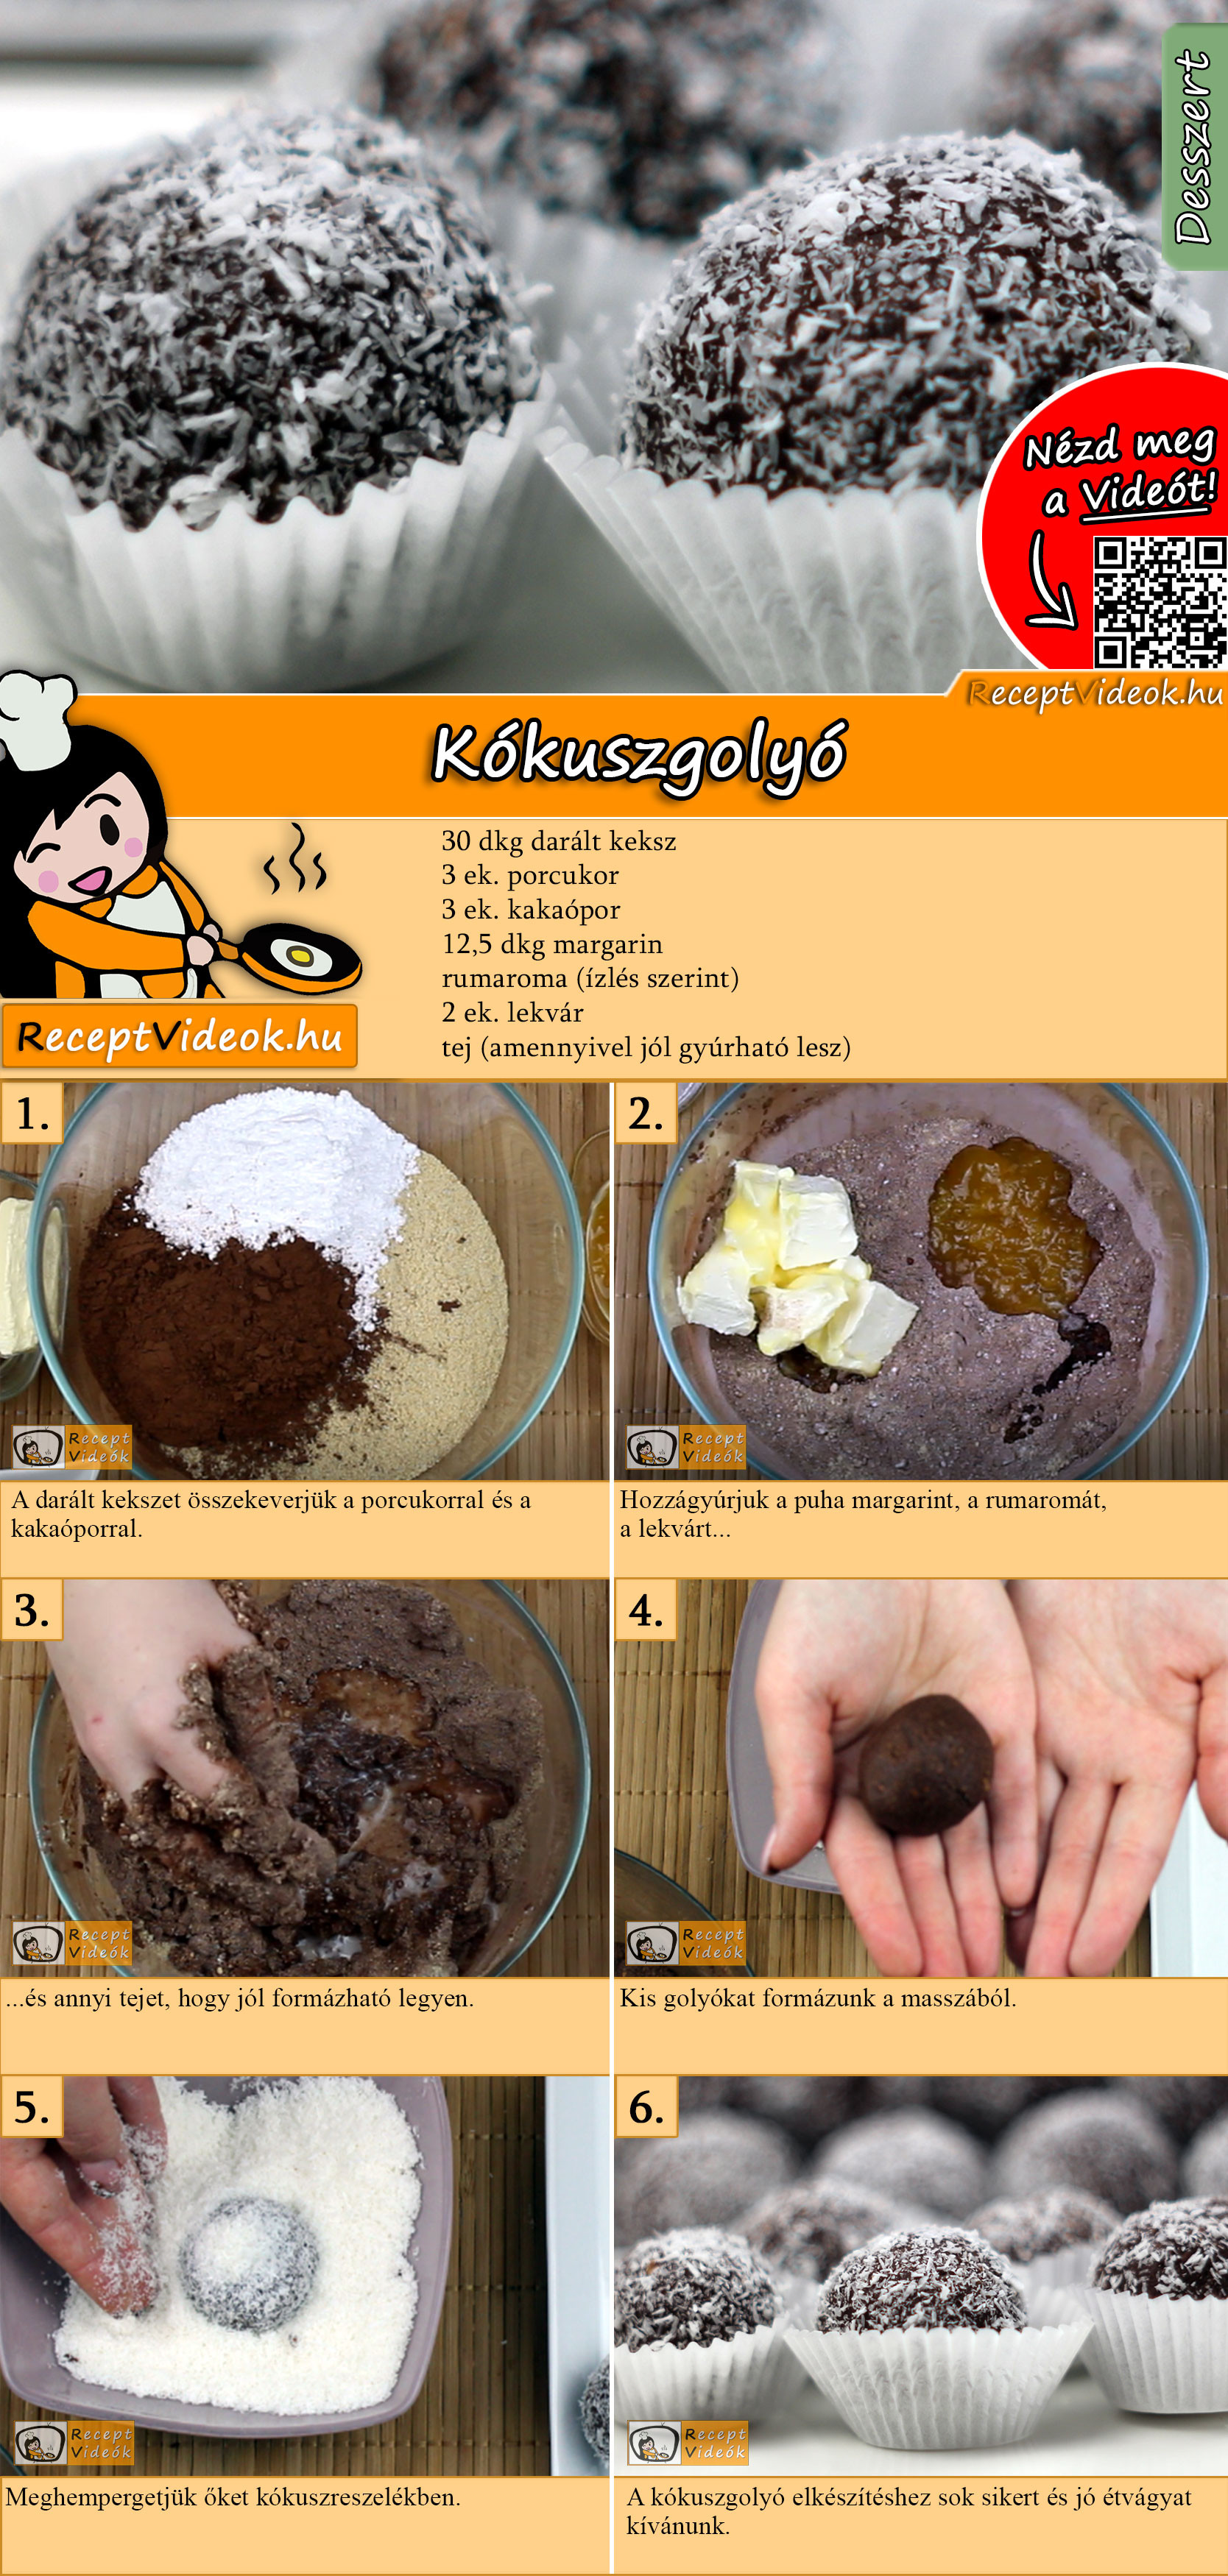 Kókuszgolyó recept elkészítése videóval